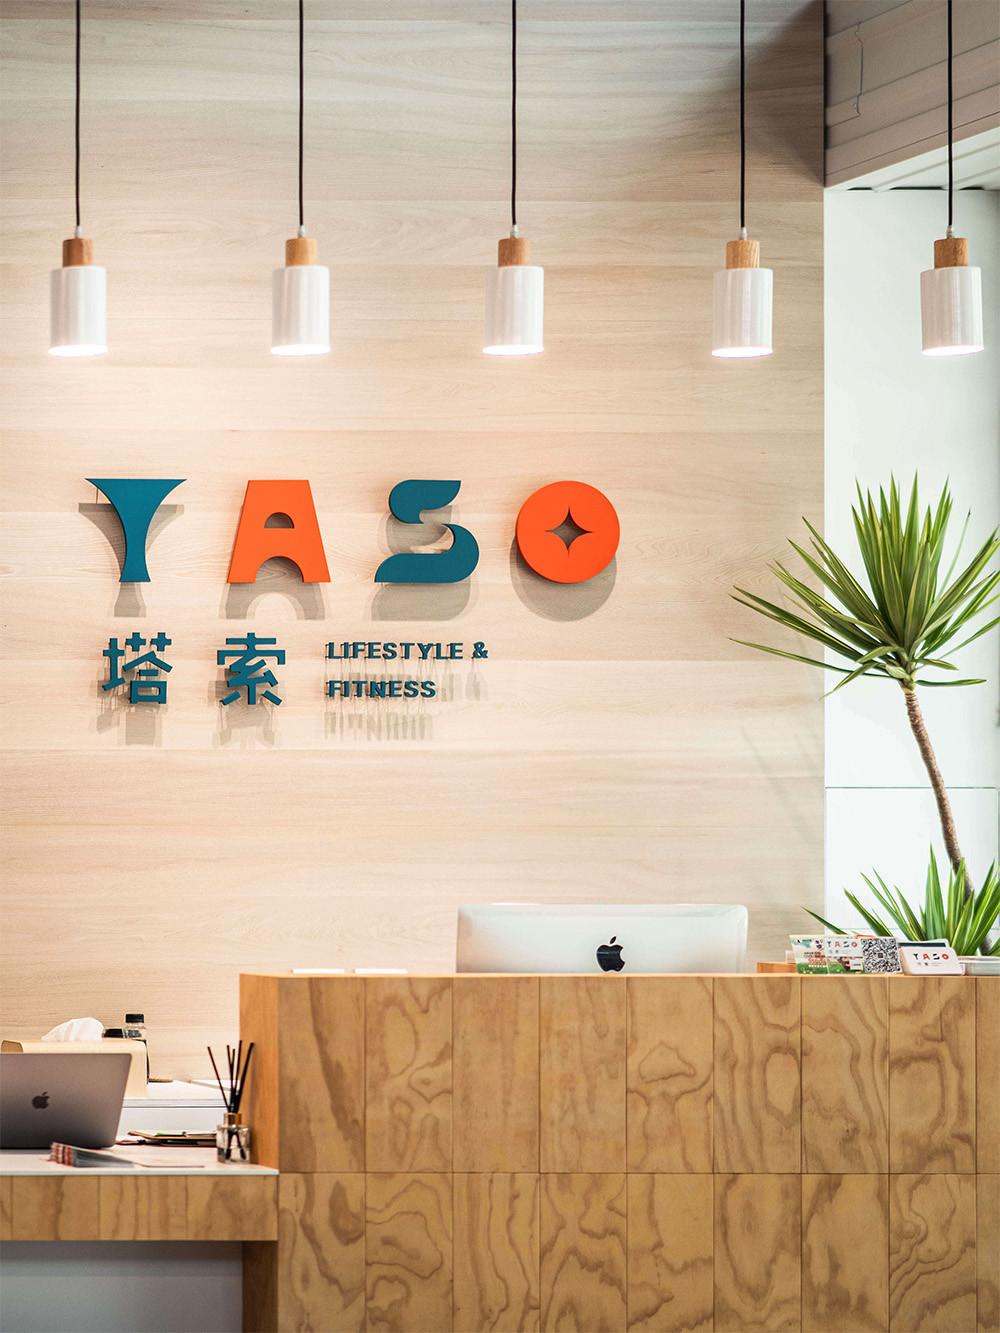 嘉義健身房室內空間設計-TASO櫃檯區|塔索肌力與體能訓練中心